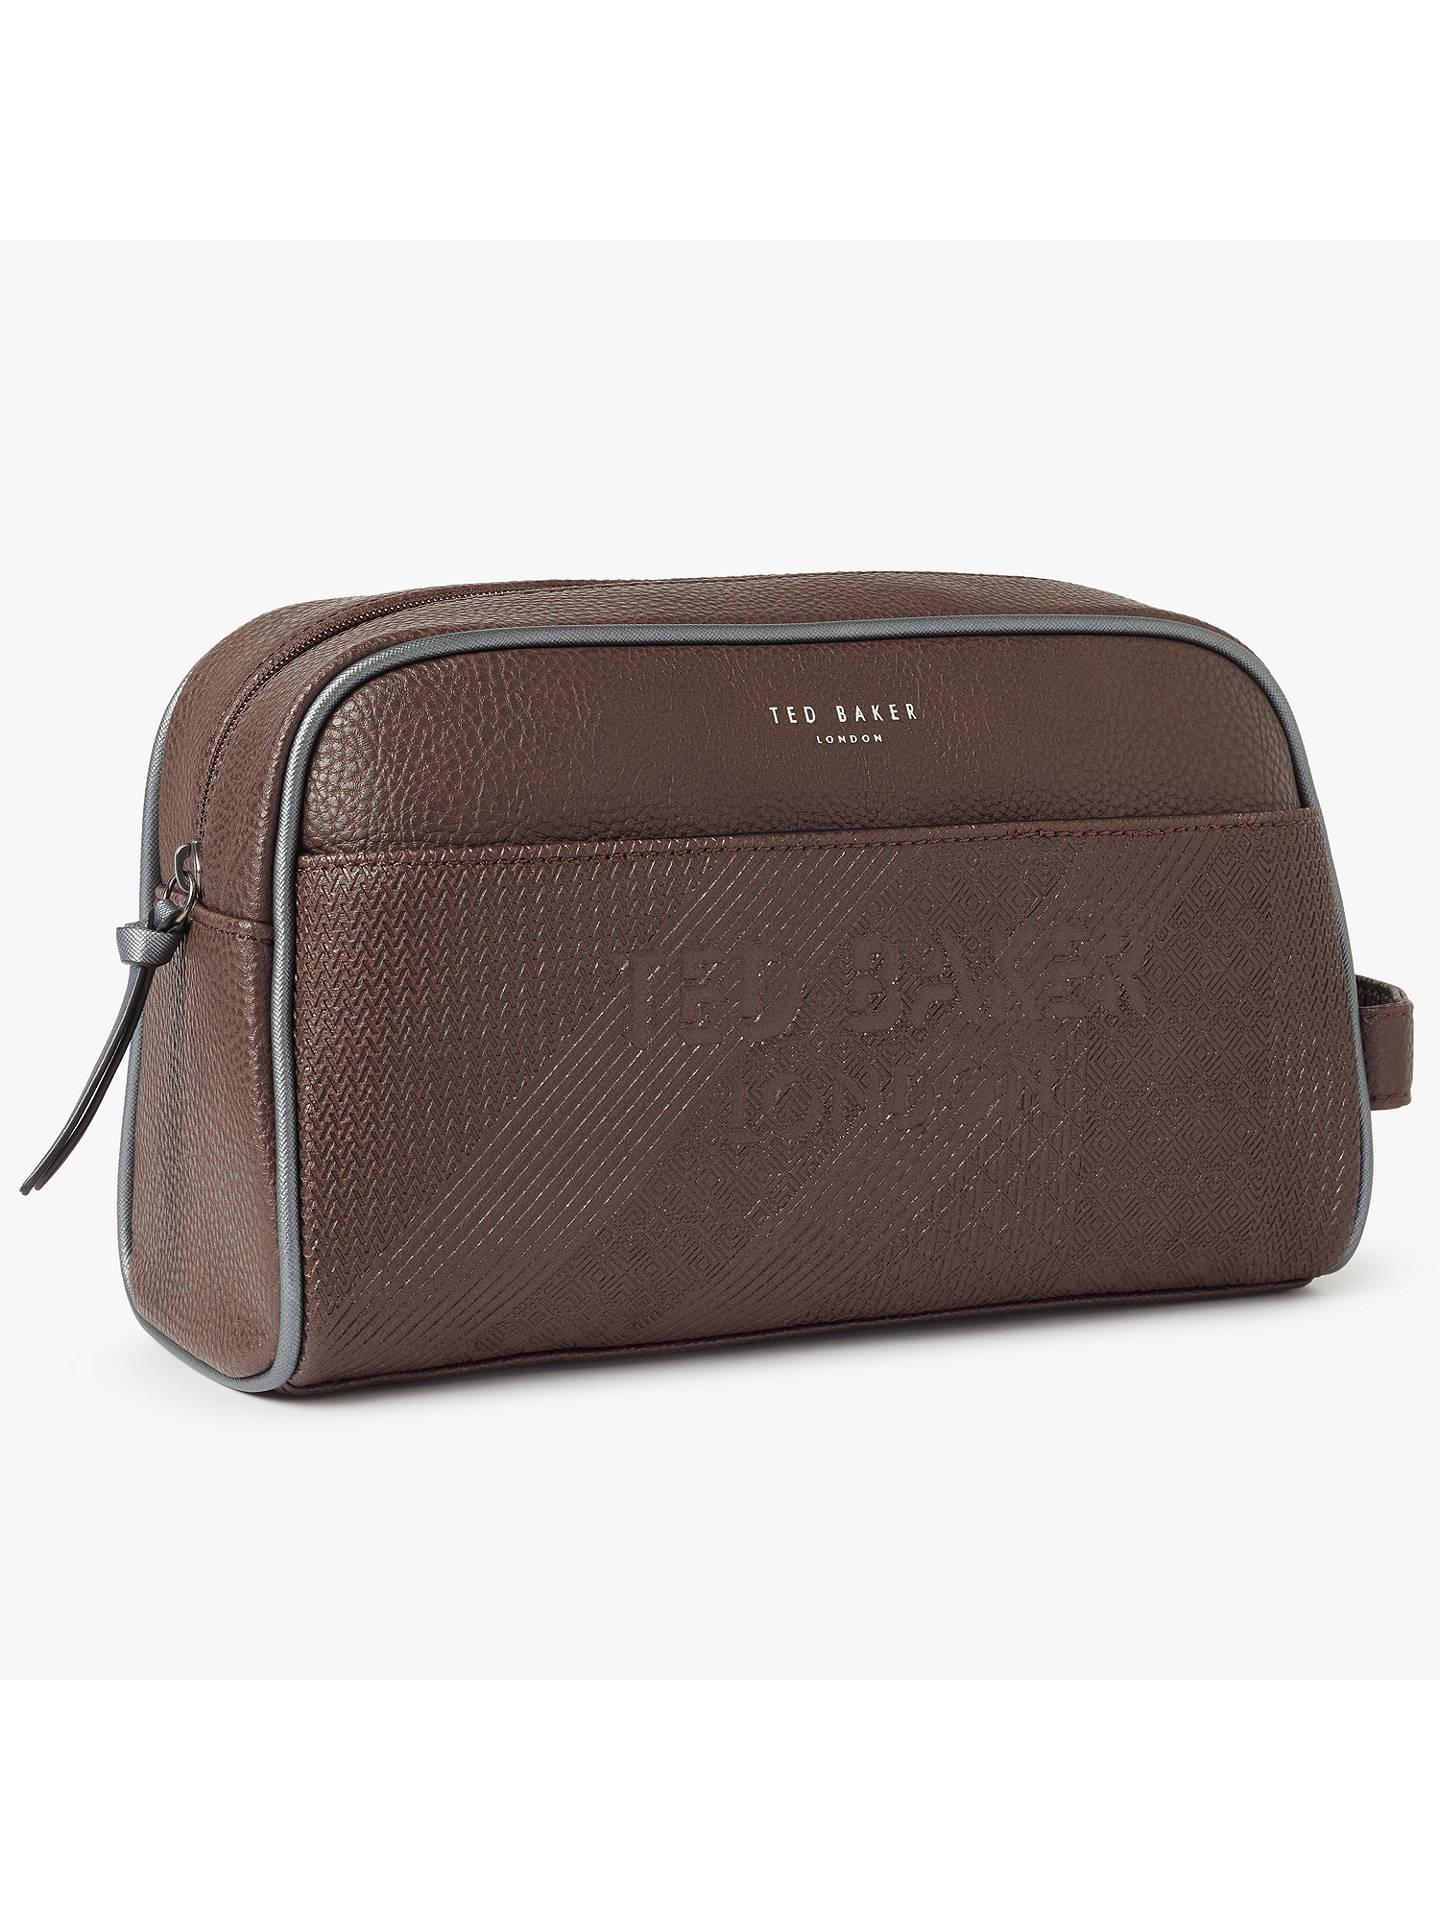 d8da0917acbf Buy Ted Baker Lockout Embossed Wash Bag